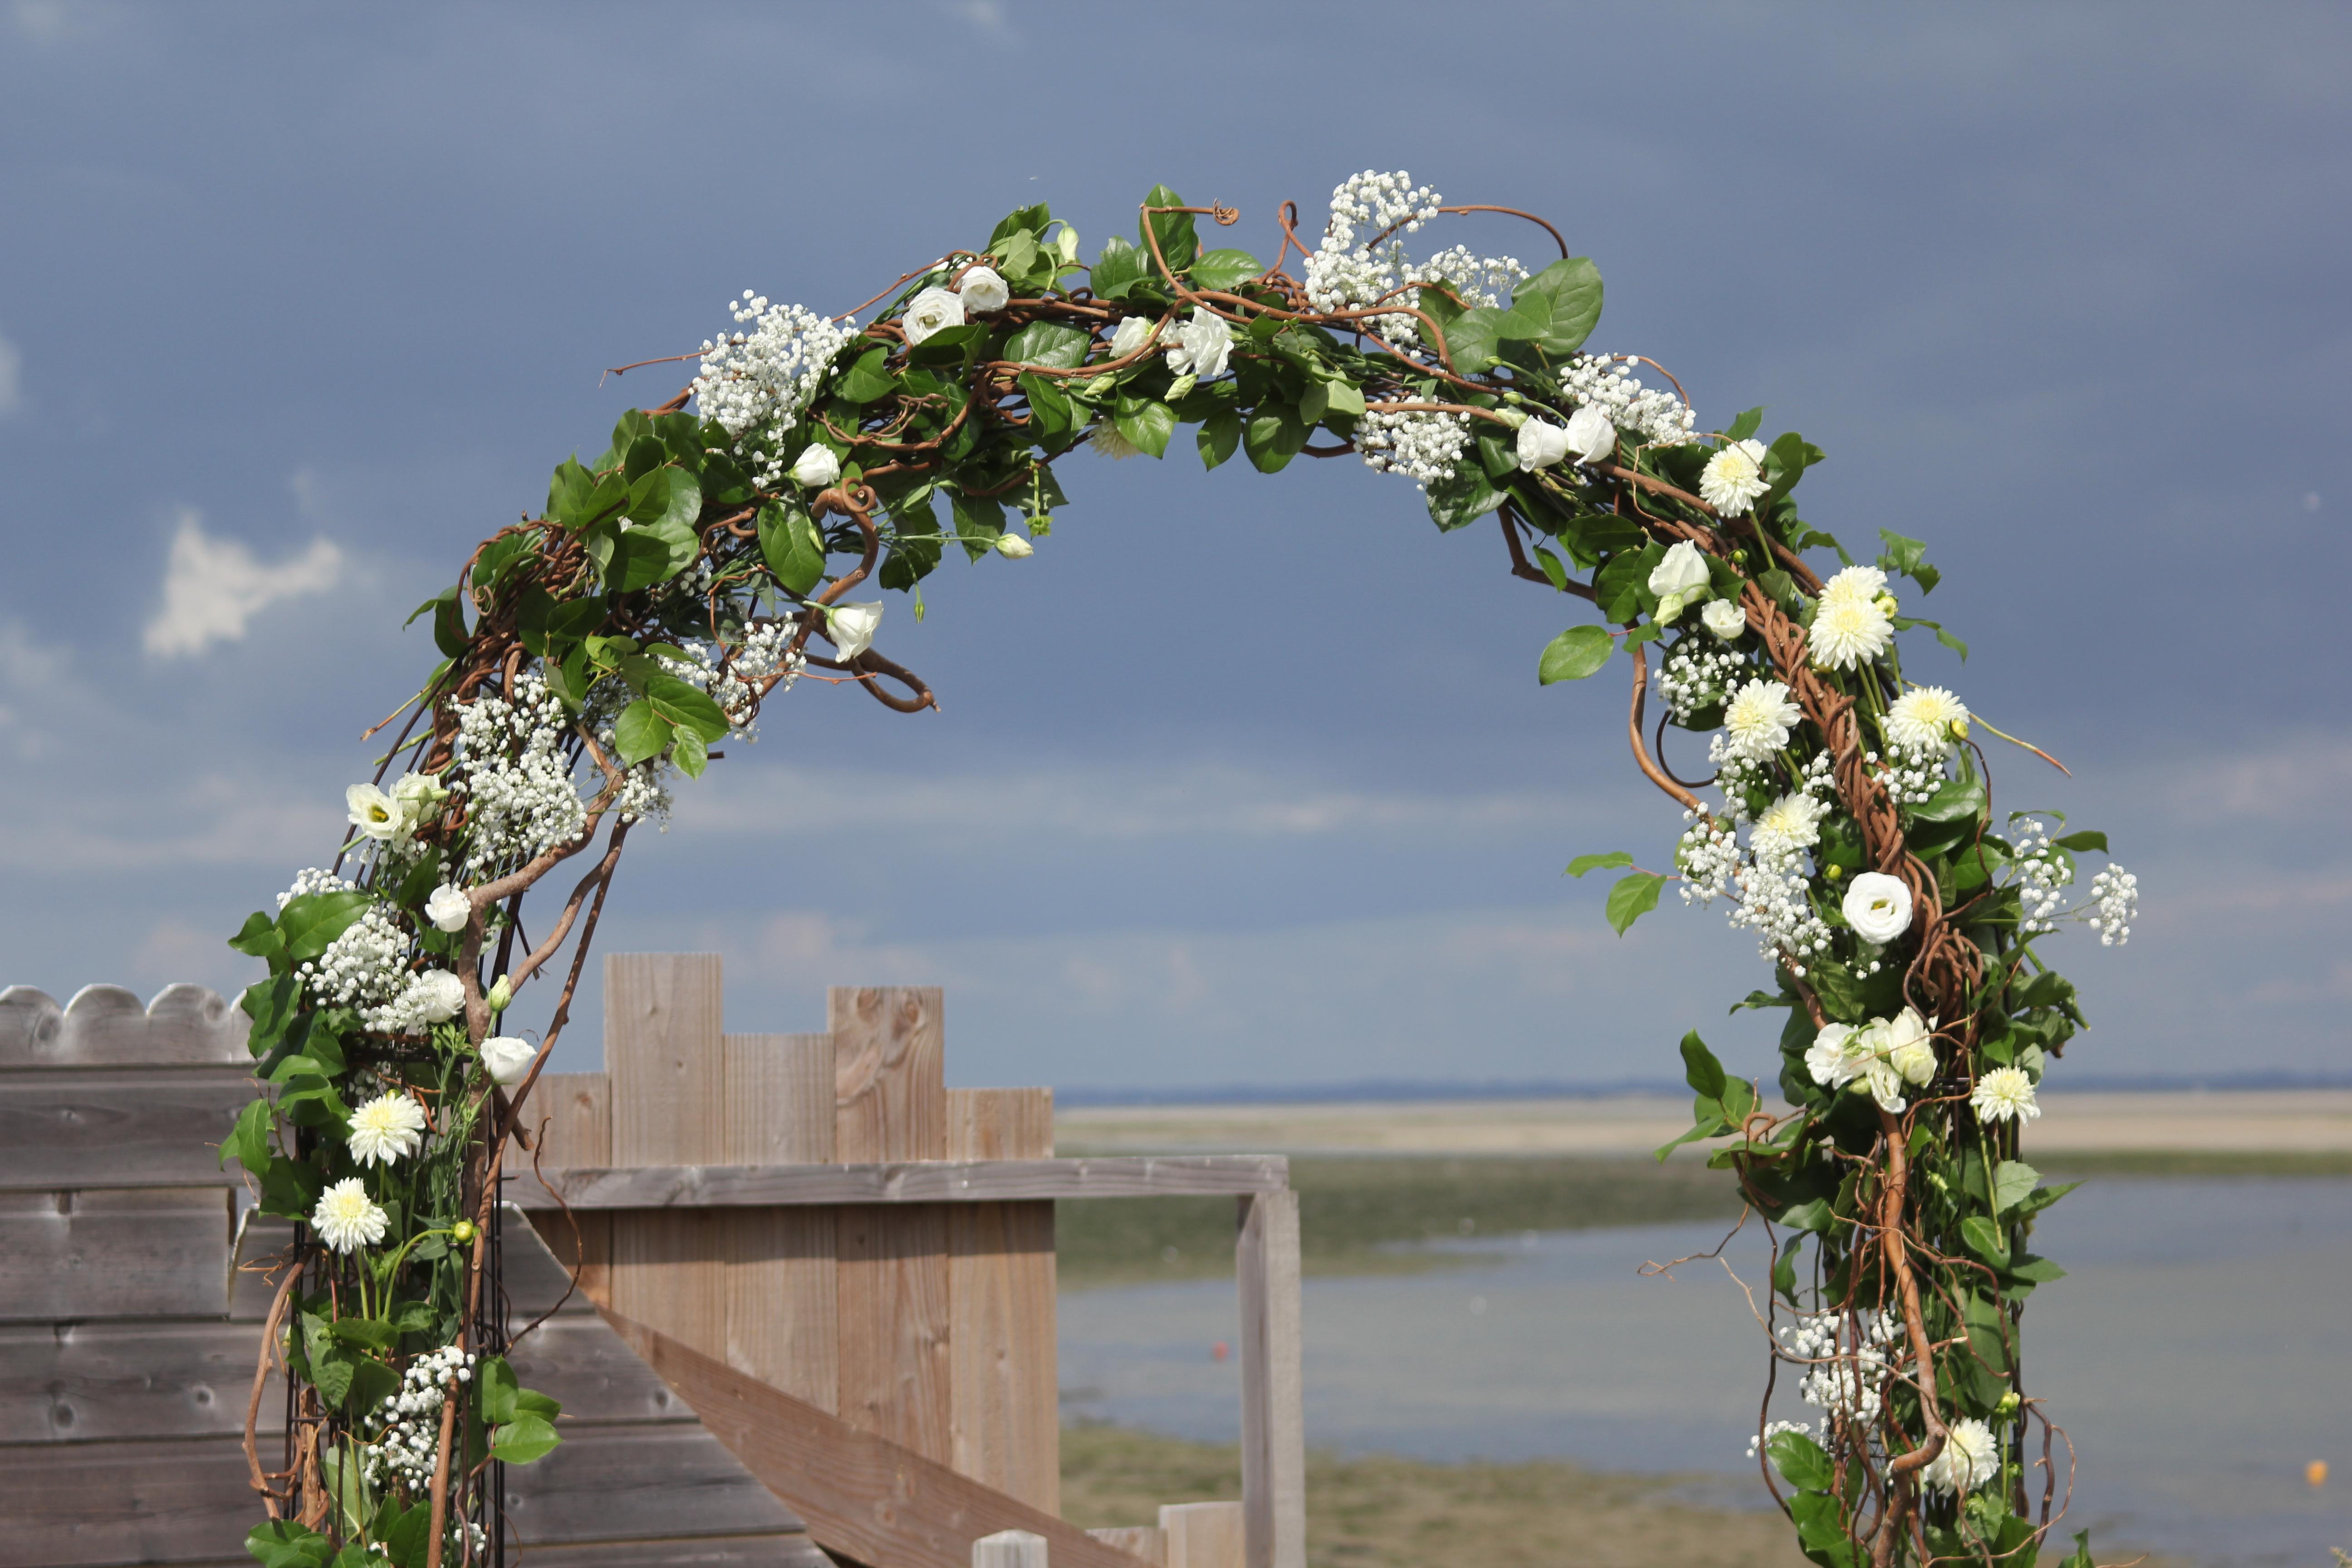 Arche cérémonie laïque avec branches tortueuses, feuillage et fleurs blanches